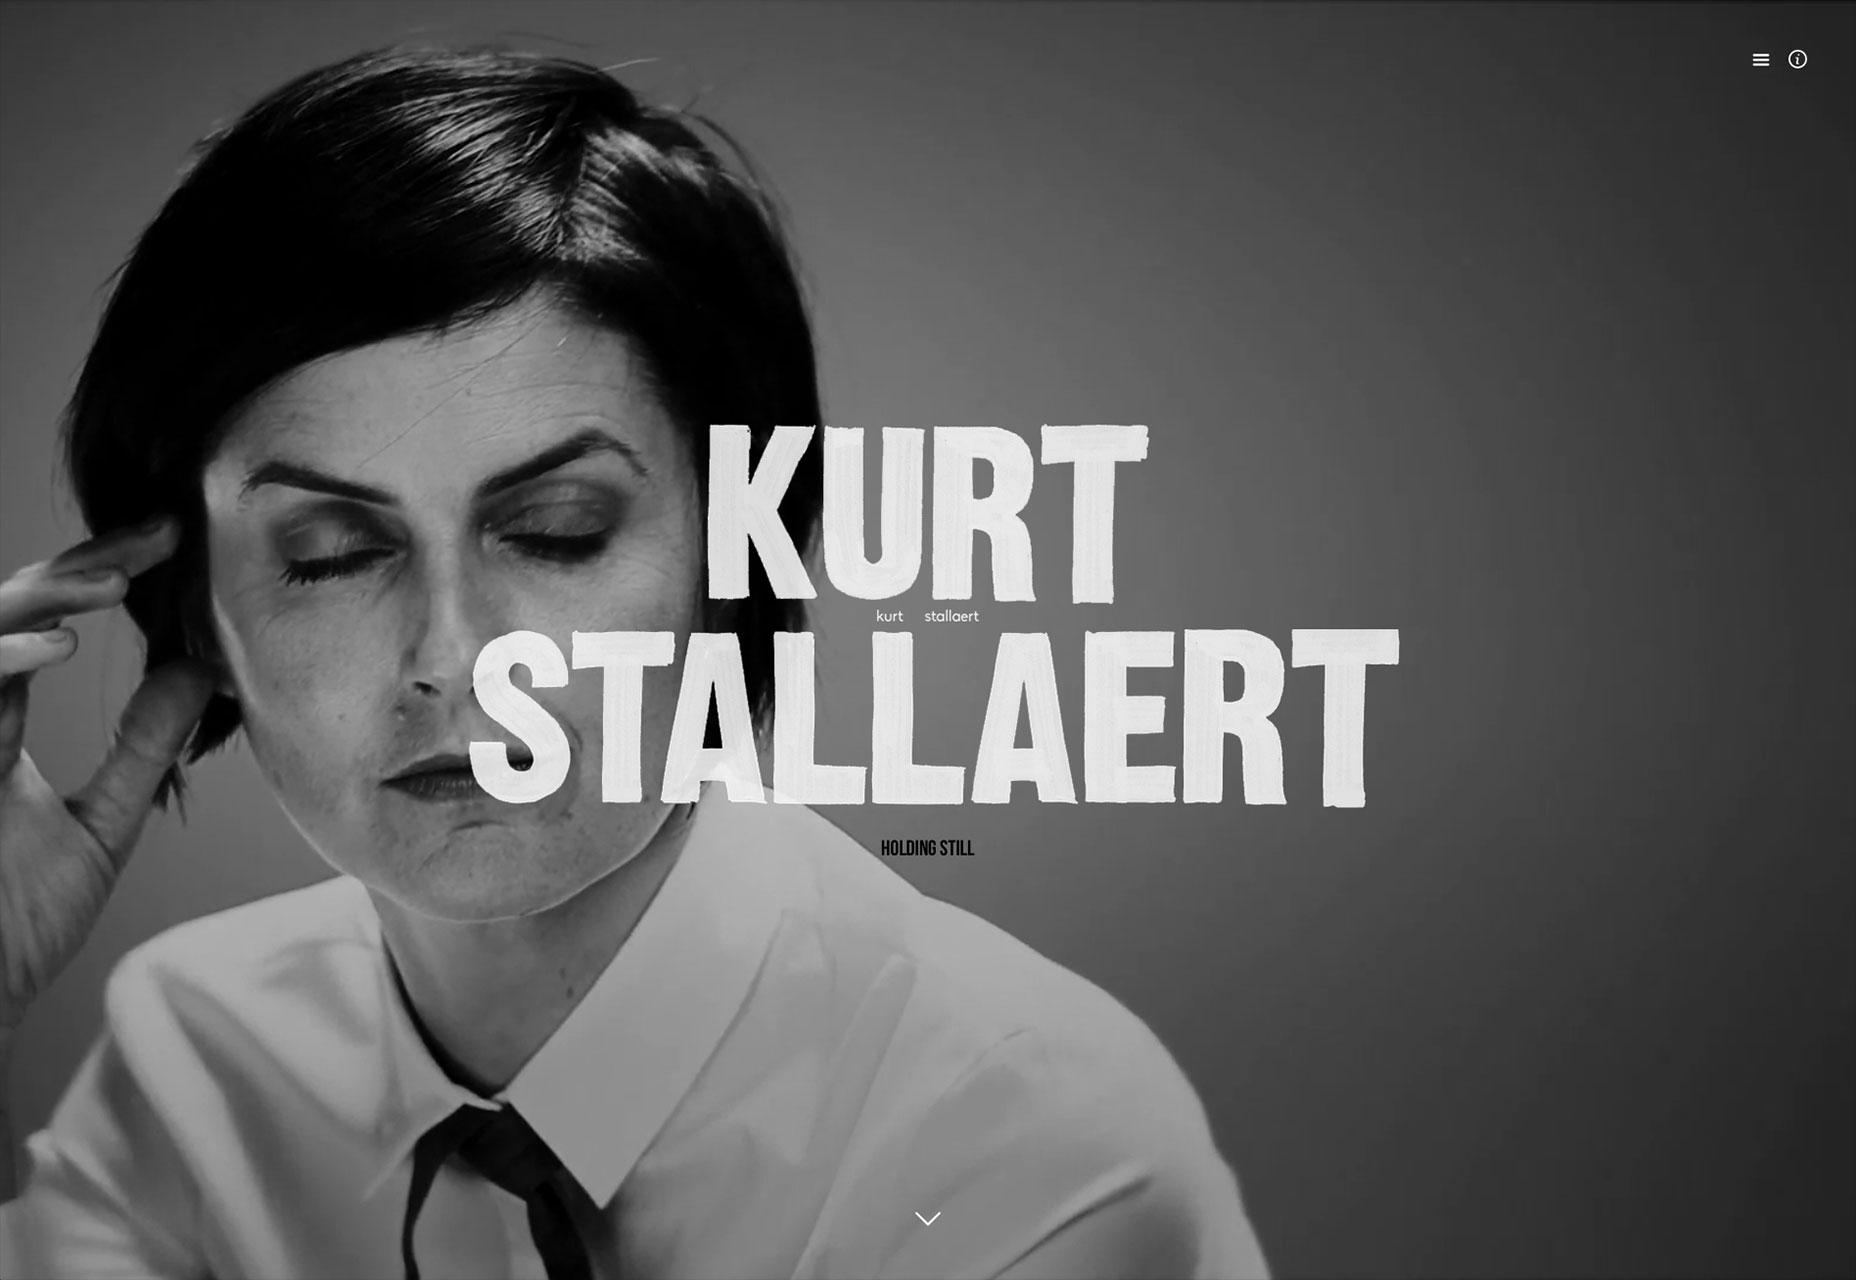 kurtstallaert